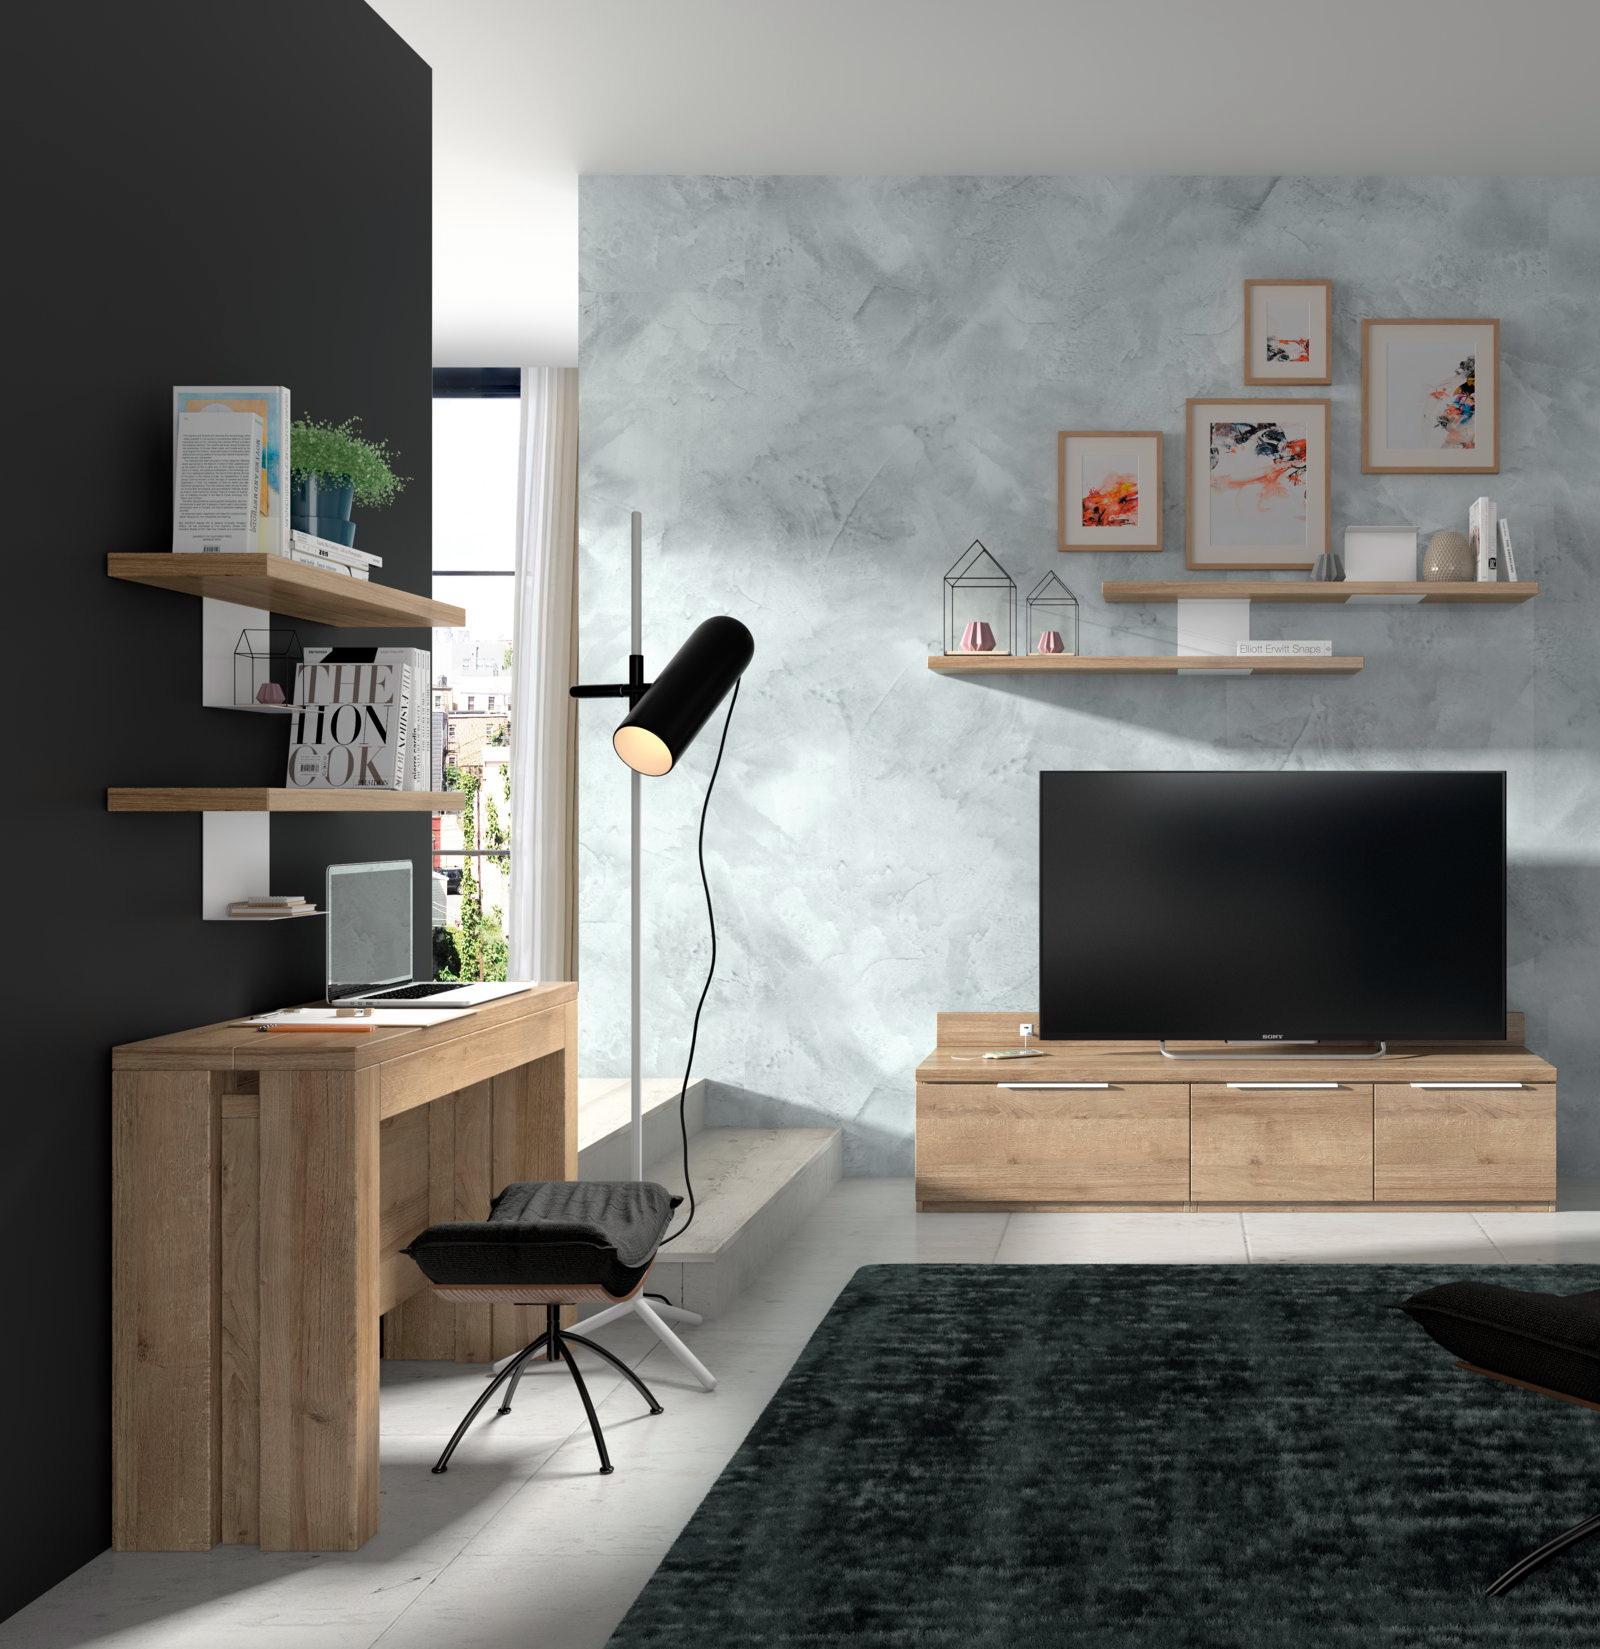 MESA CONSOLA EXTENSIBLE salón moderno UNO.5 U5143 by Salcedo Mueble en muebles antoñán® León